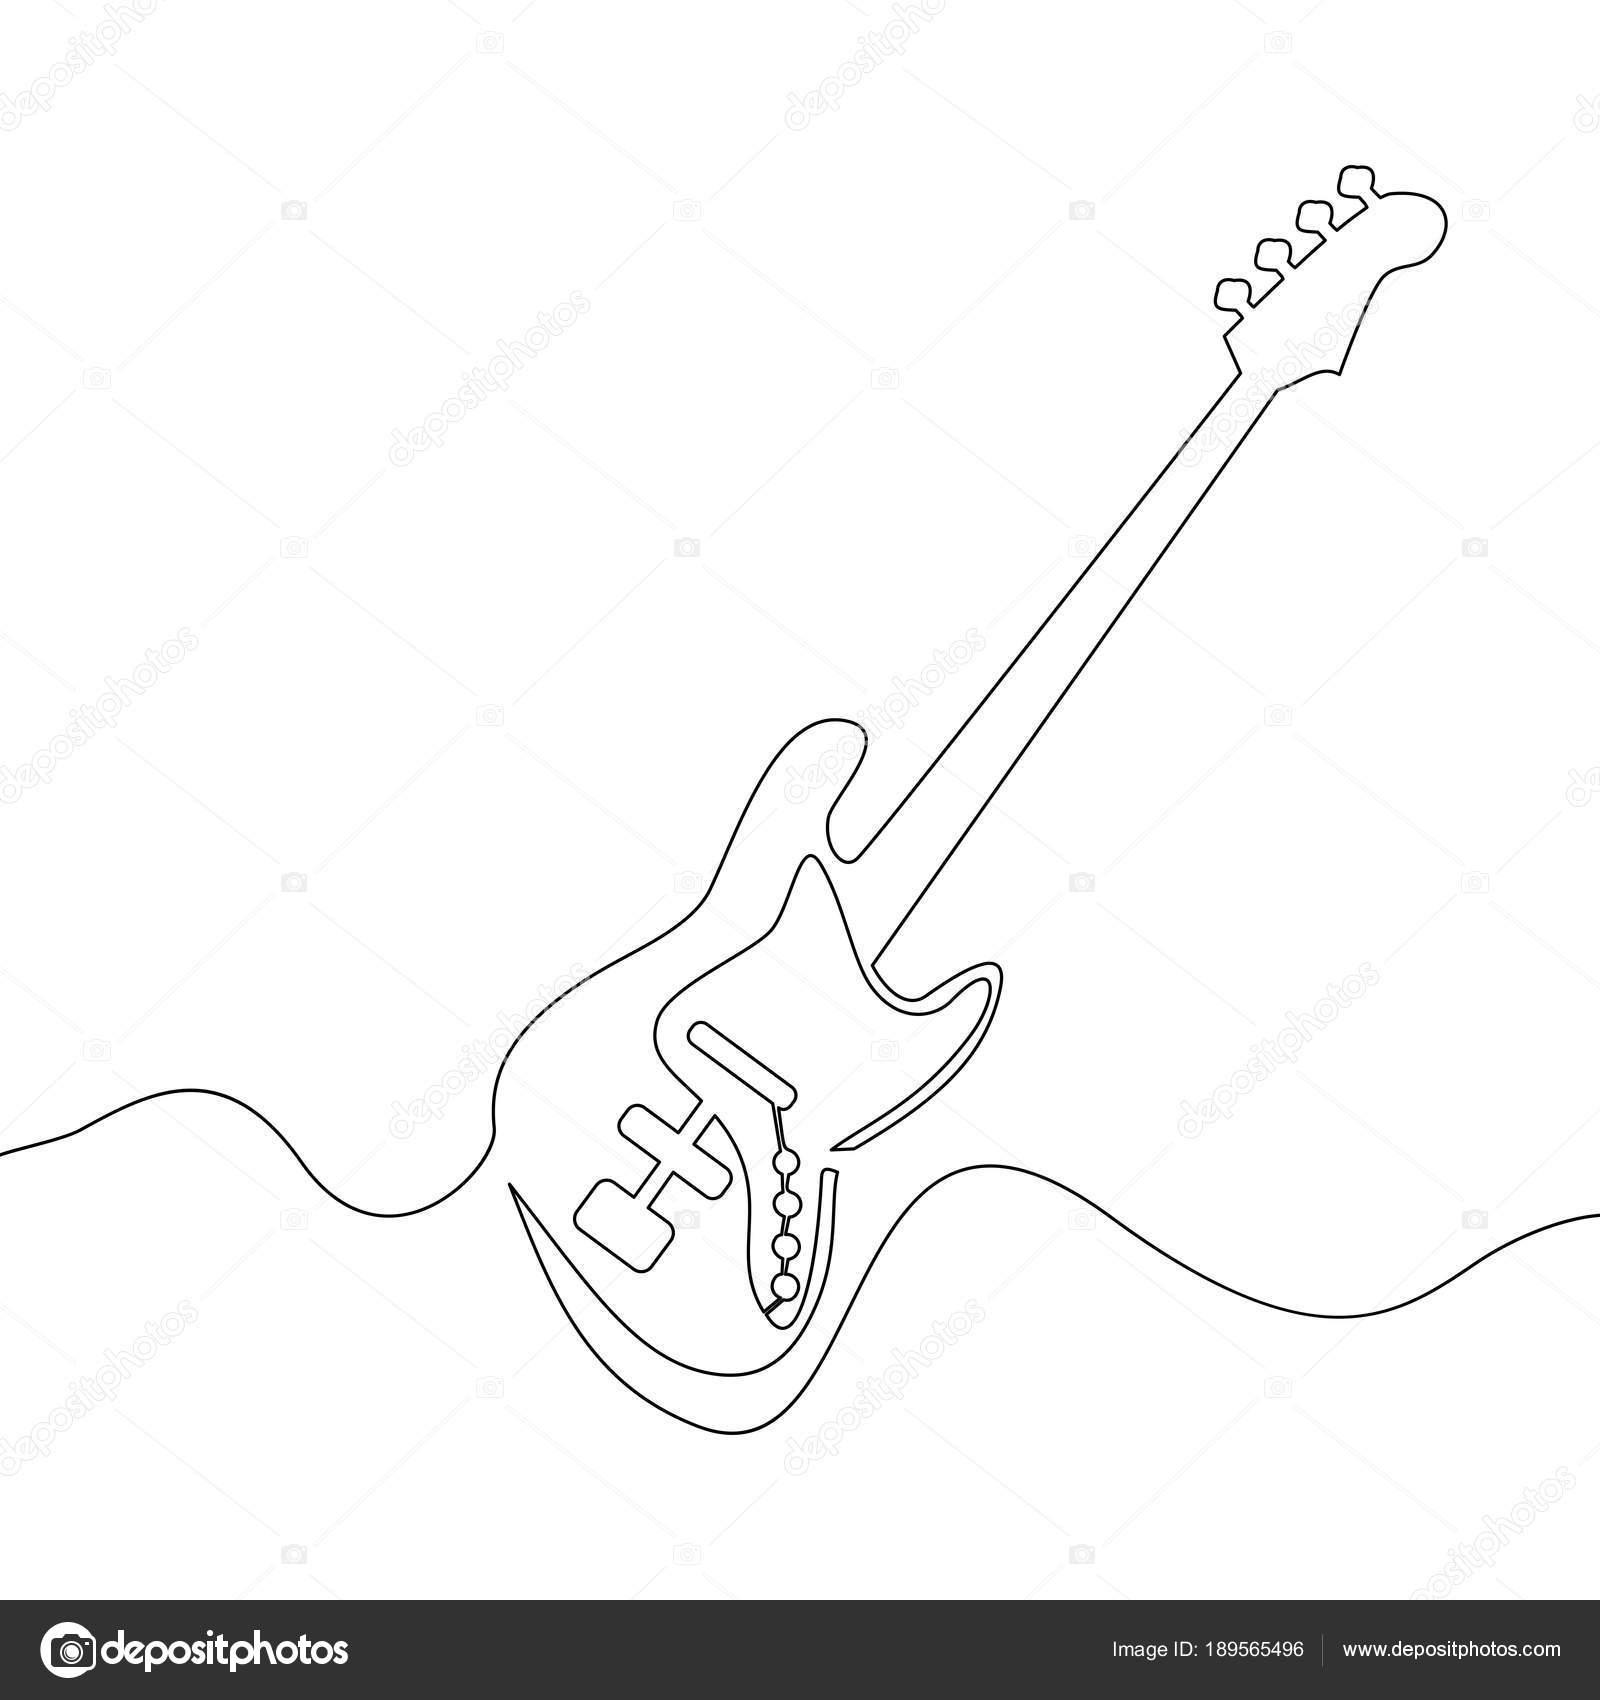 continua dibujo de guitarra eléctrica — Archivo Imágenes Vectoriales ...